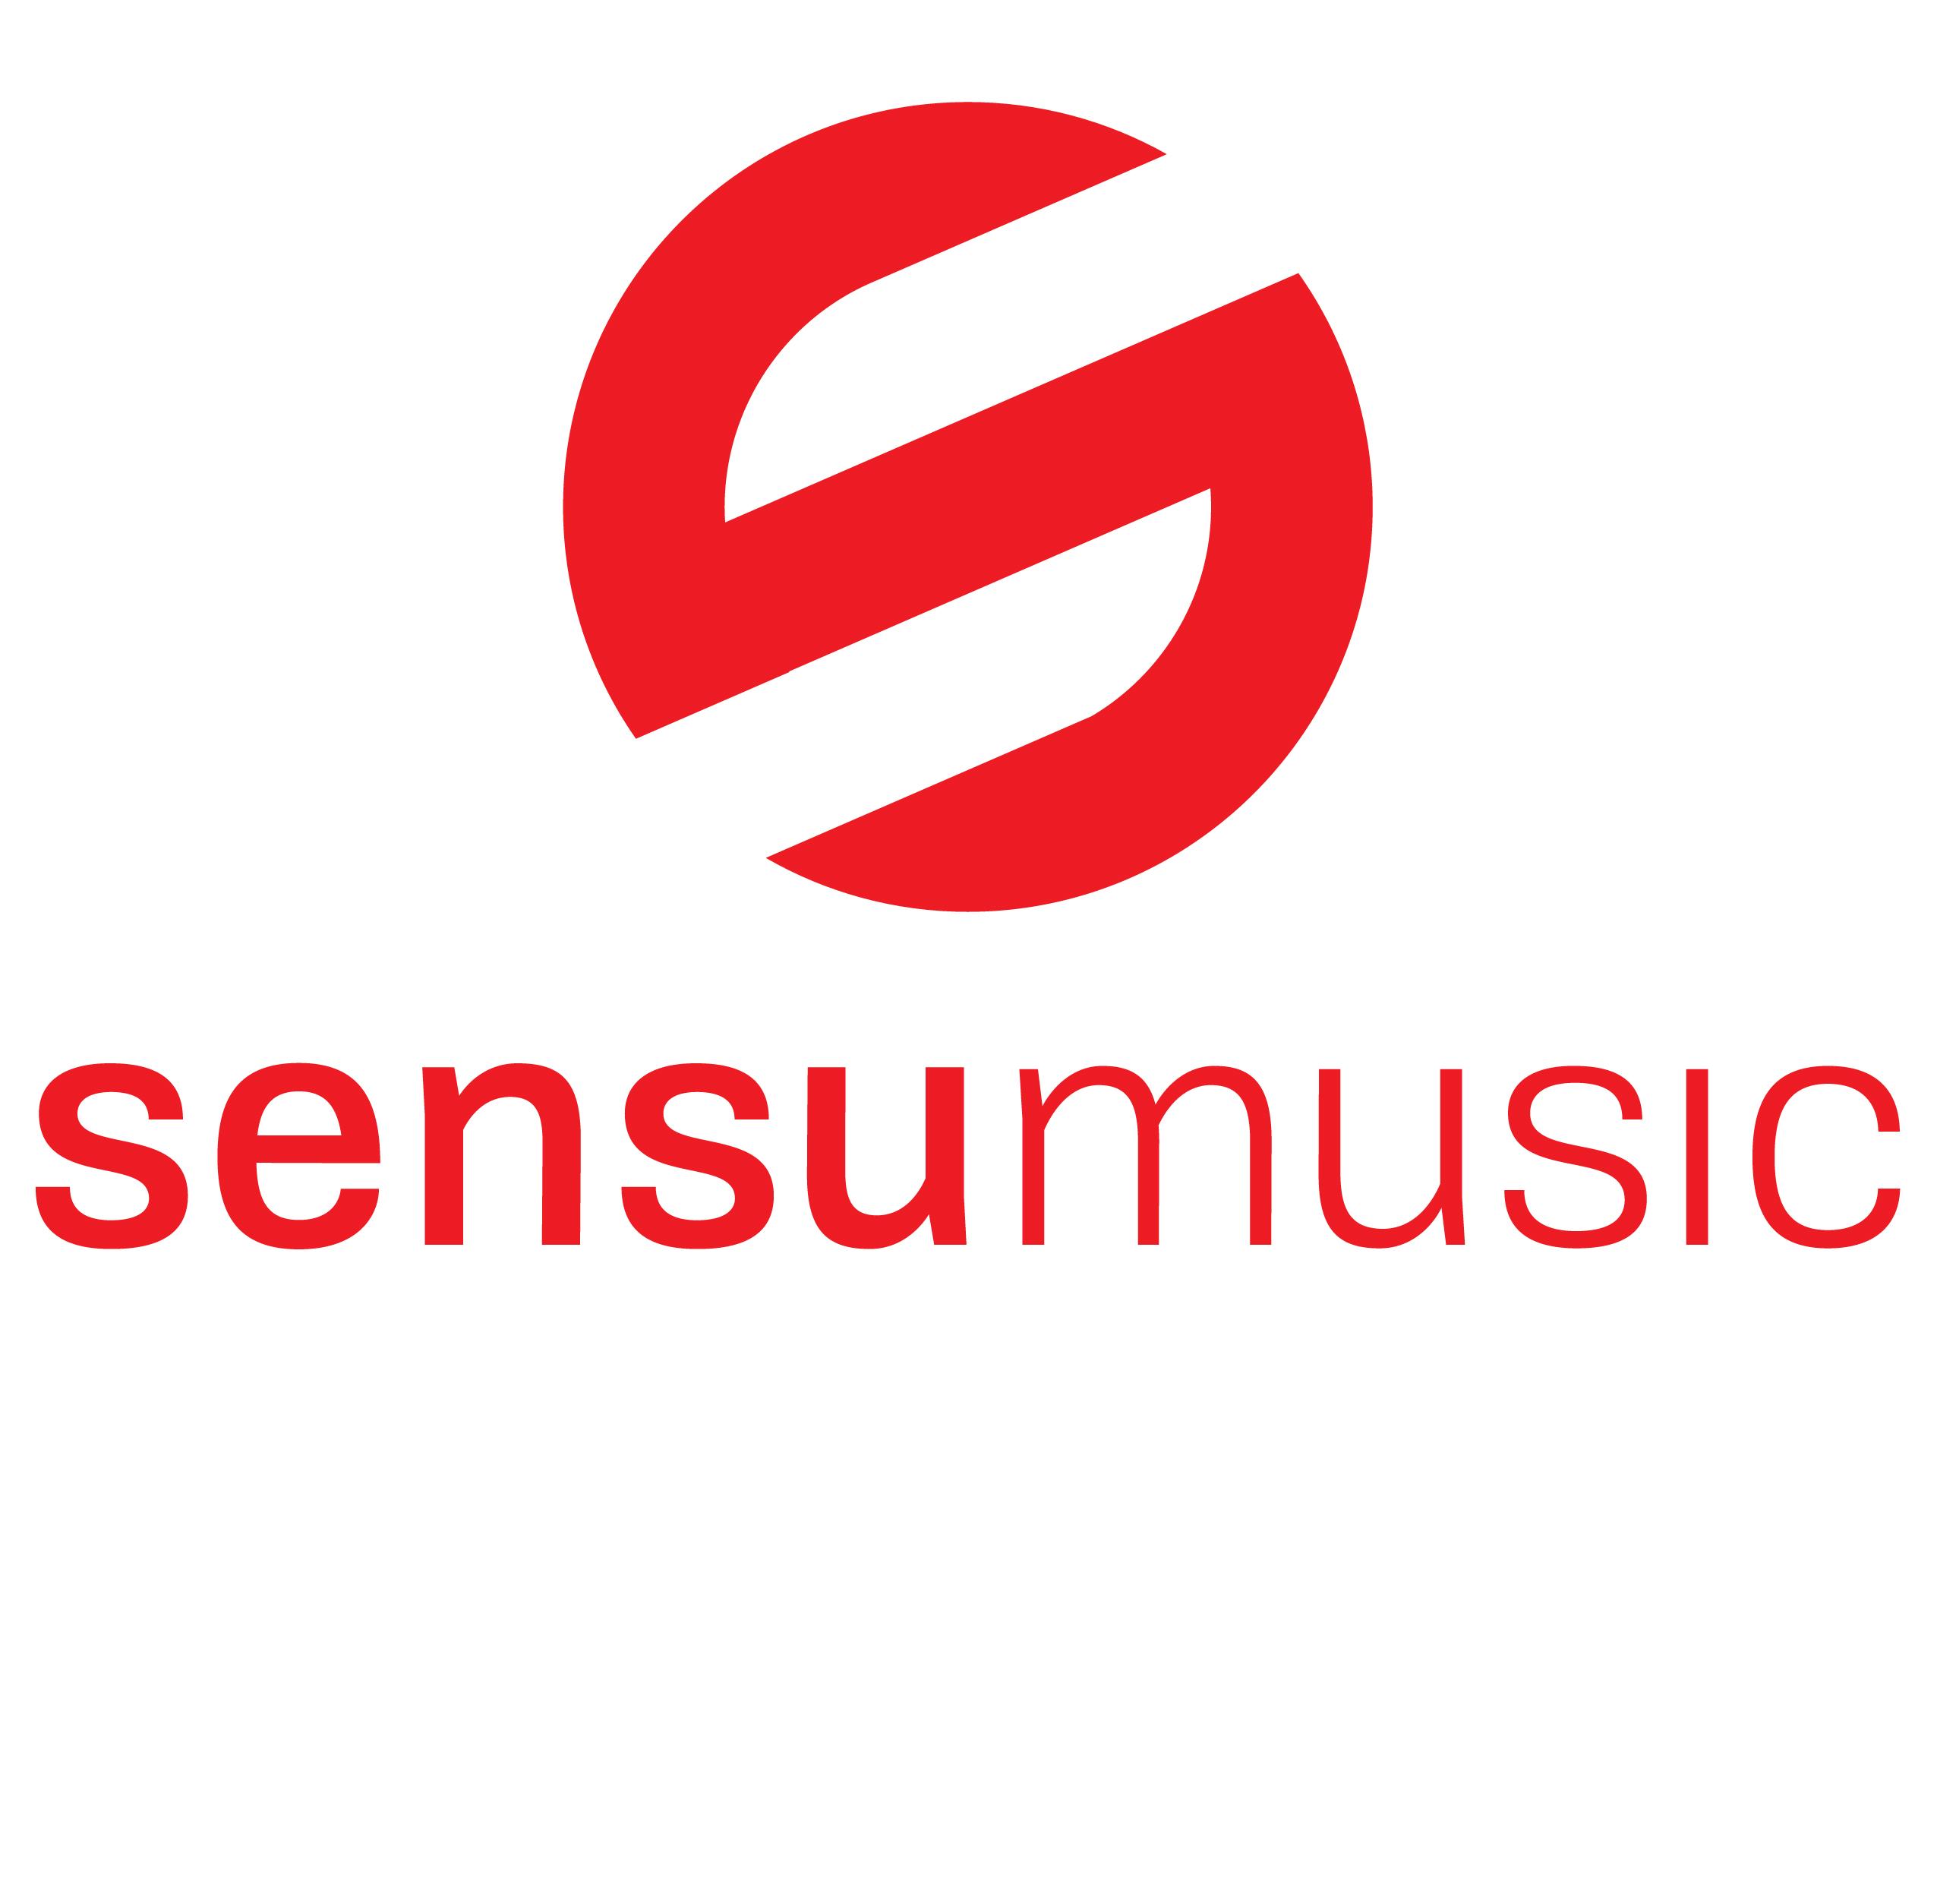 sensu music logo